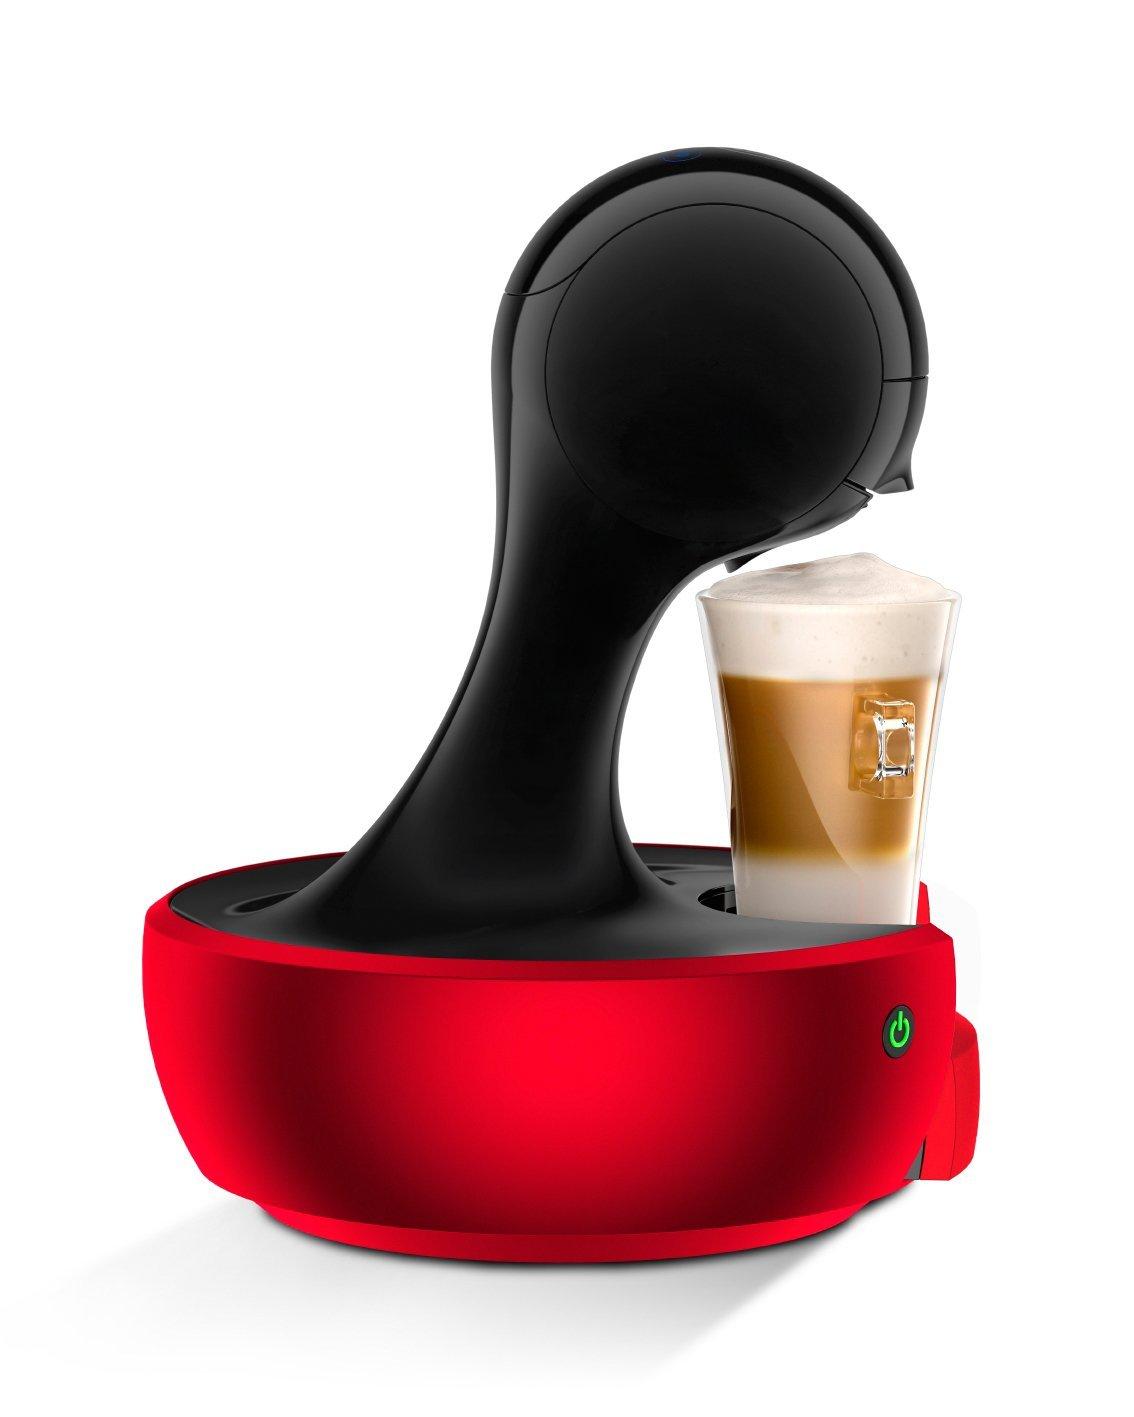 Krups-Nescaf-Dolce-Gusto-Drop-KP3505-Kapsel-Kaffeemaschine-15-bar-Pumpendruck-automatische-Wasserdosierung-Flow-Stop-Sensor-Touch-08-l-Wassertank-rot-Generalberholt